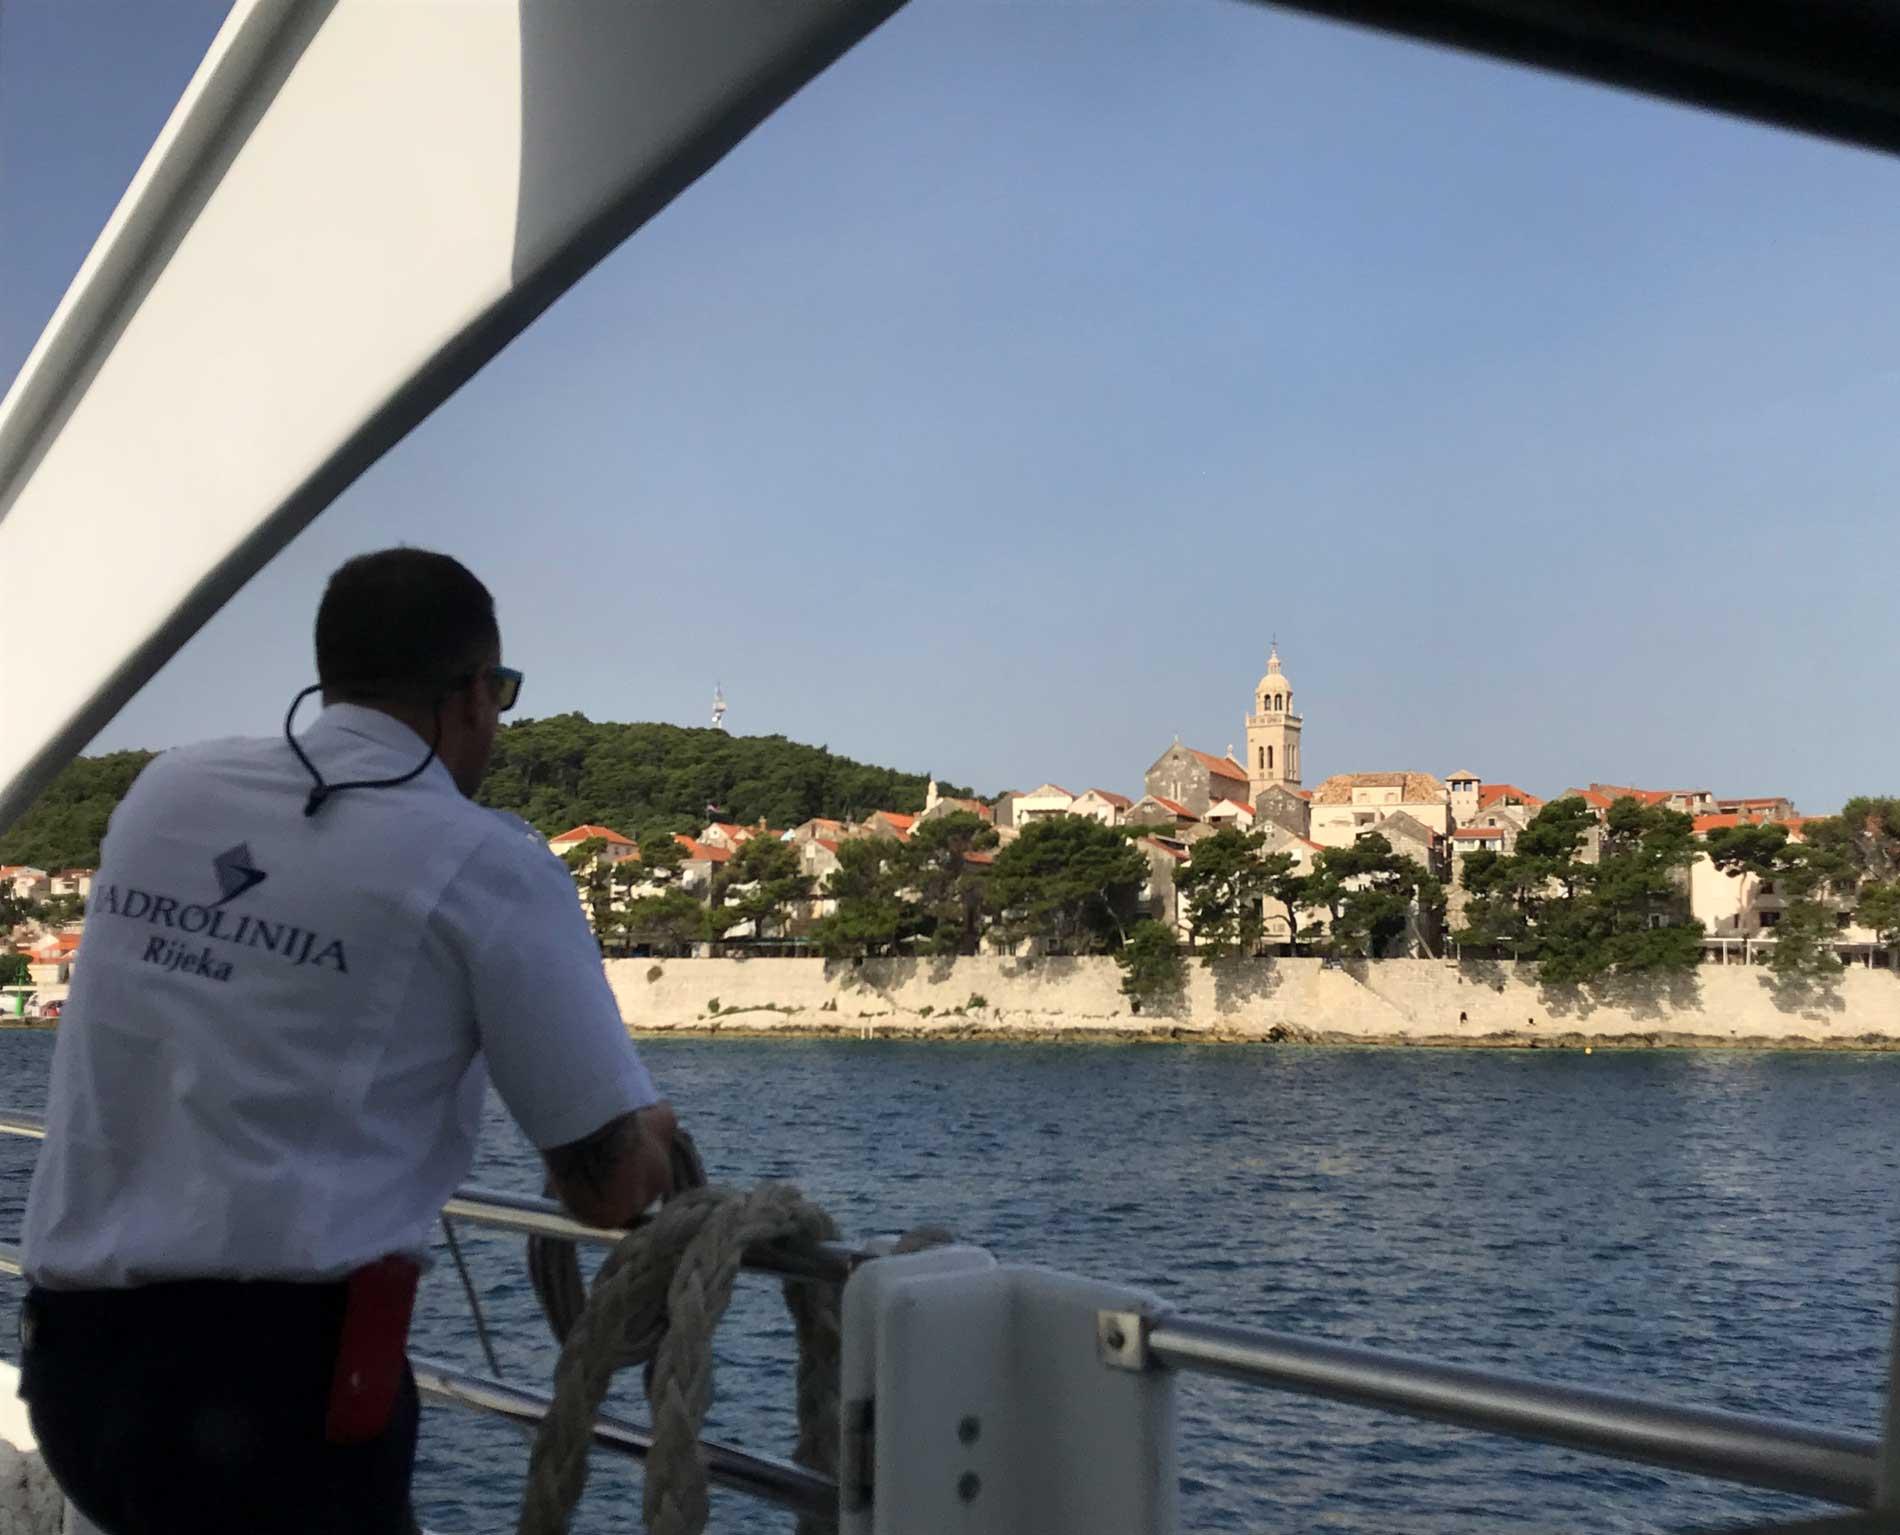 Korcula-Curzola-Croazia-vista-dal-catamarano-jadrolinija